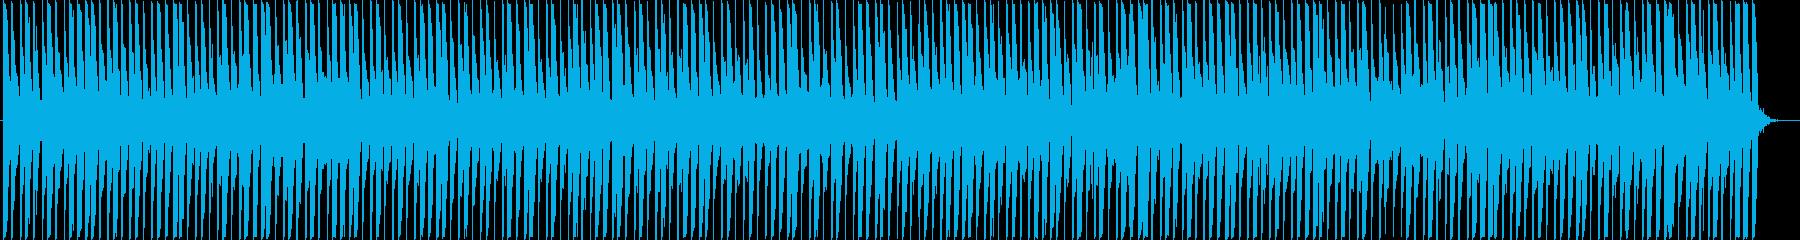 クールなアフロビートレゲエの再生済みの波形